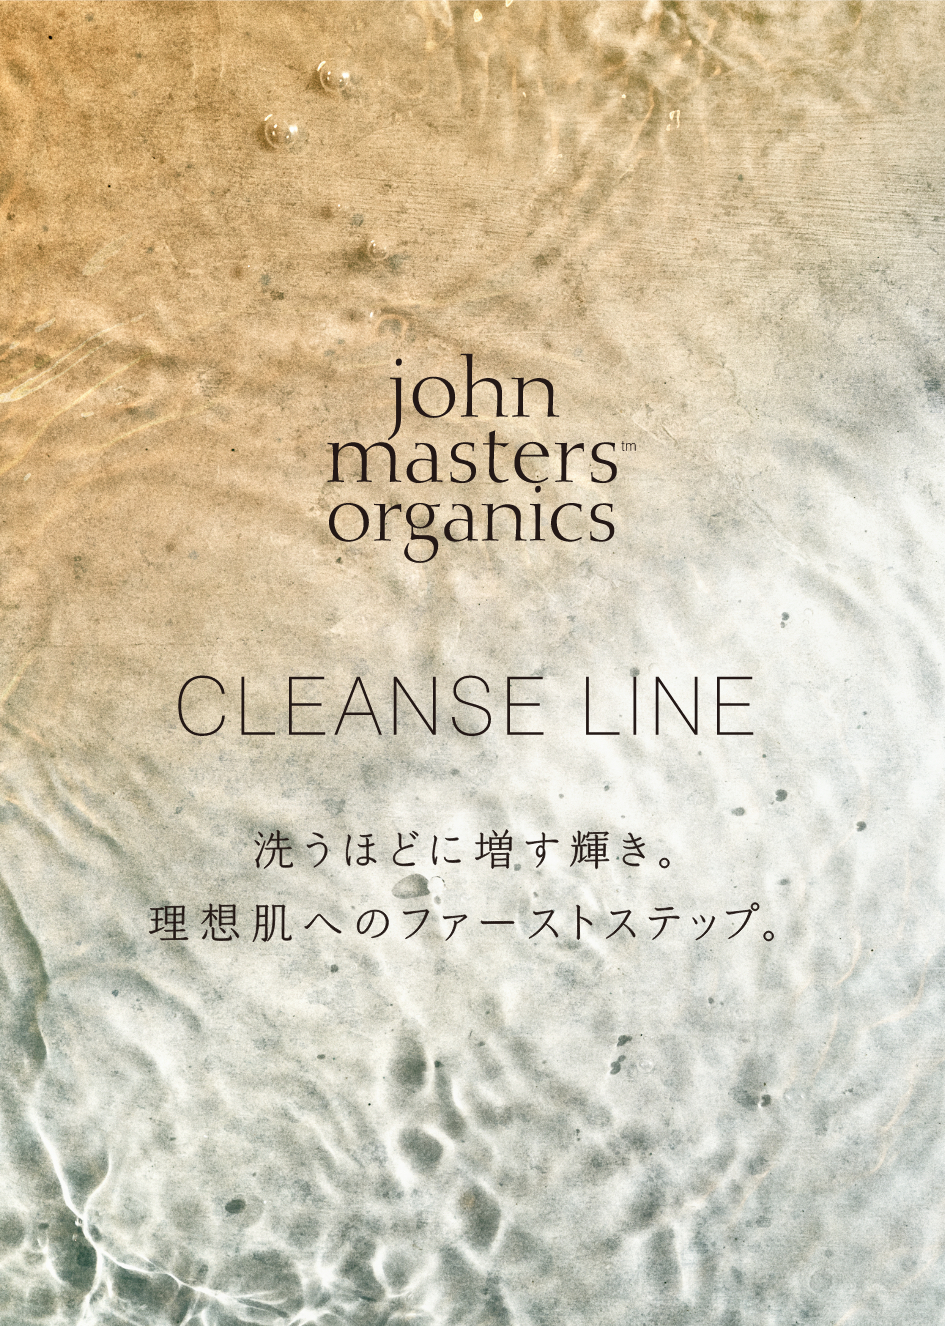 CLEANSE LINE 洗うほどに増す輝き。理想肌へのファーストステップ。